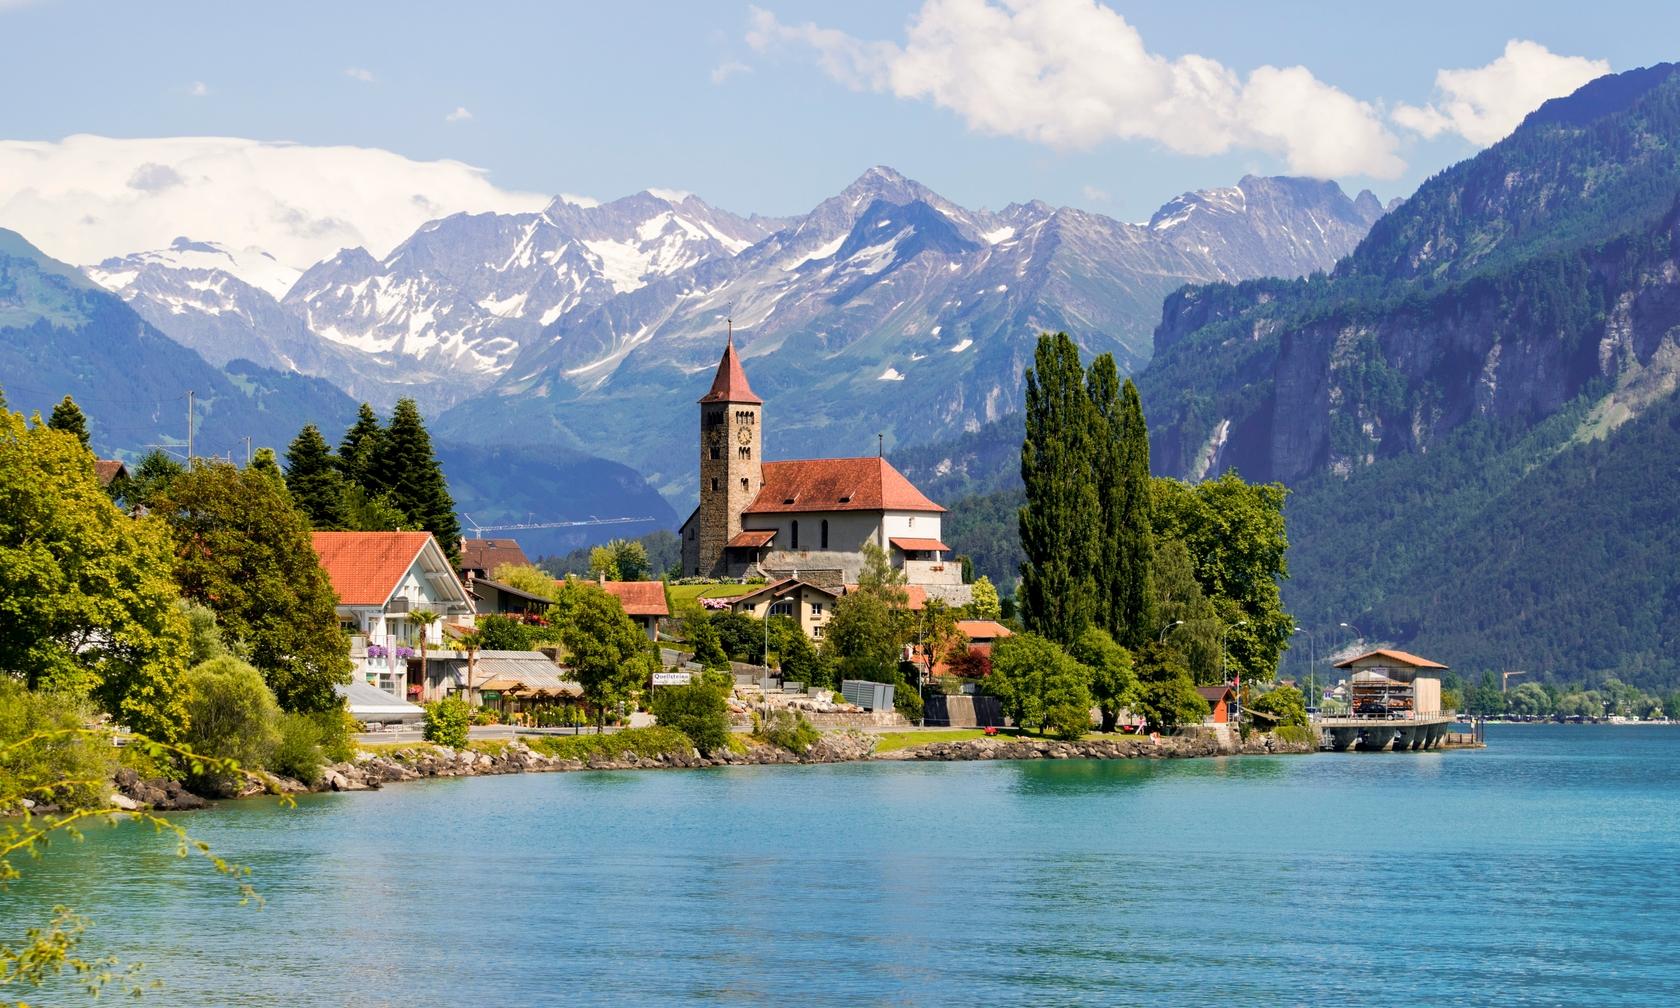 Holiday rentals in Switzerland